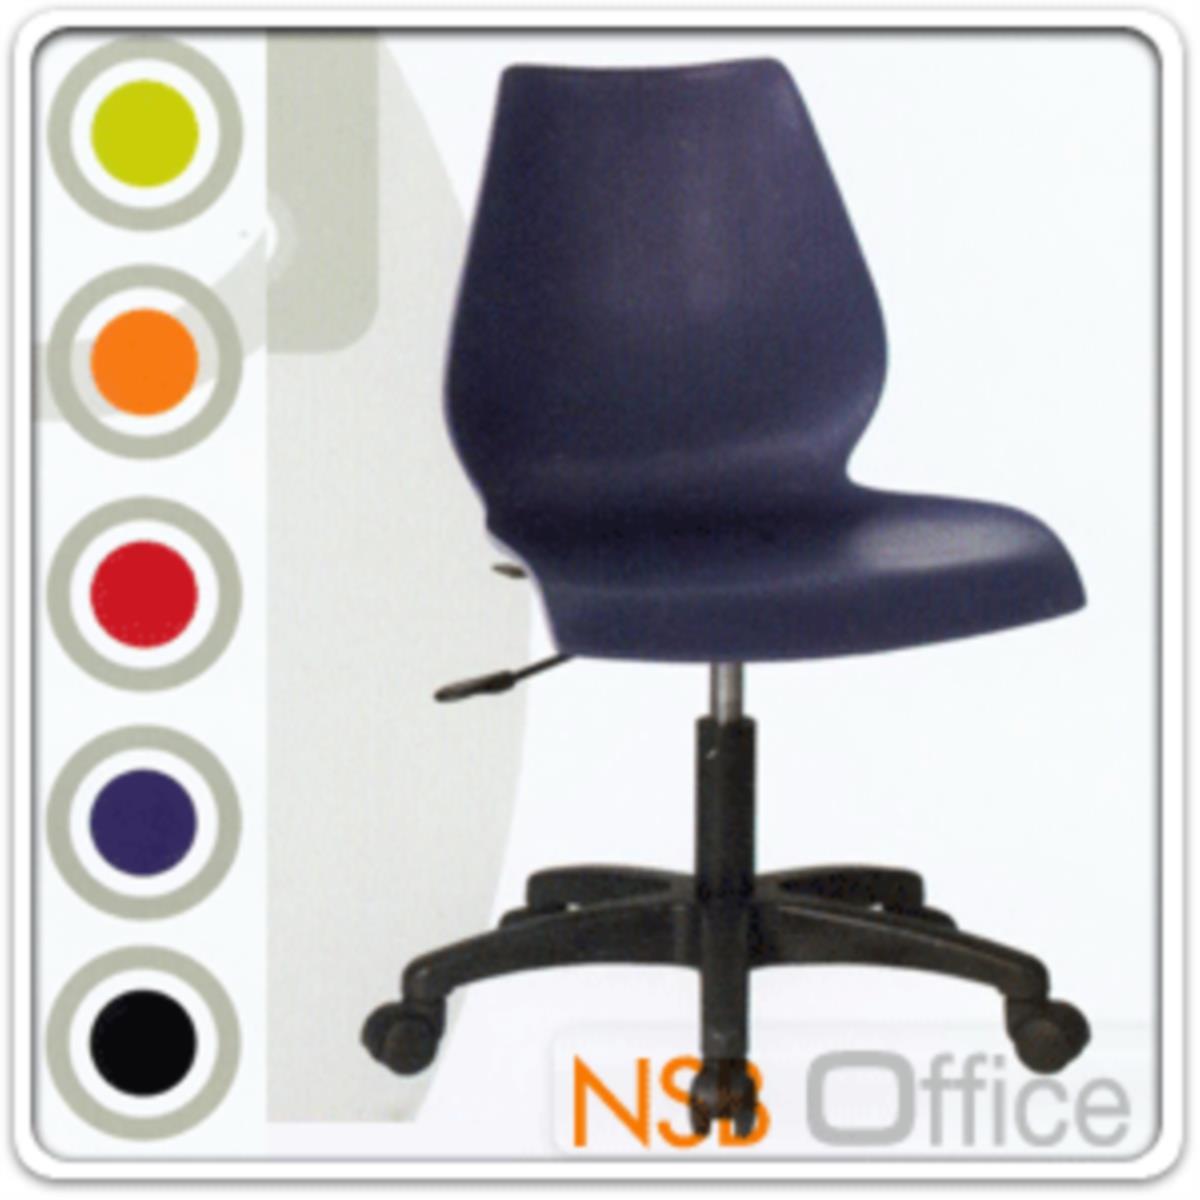 เก้าอี้สำนักงานโพลี่ รุ่น  B408  โช๊คแก๊ส ขาพลาสติก